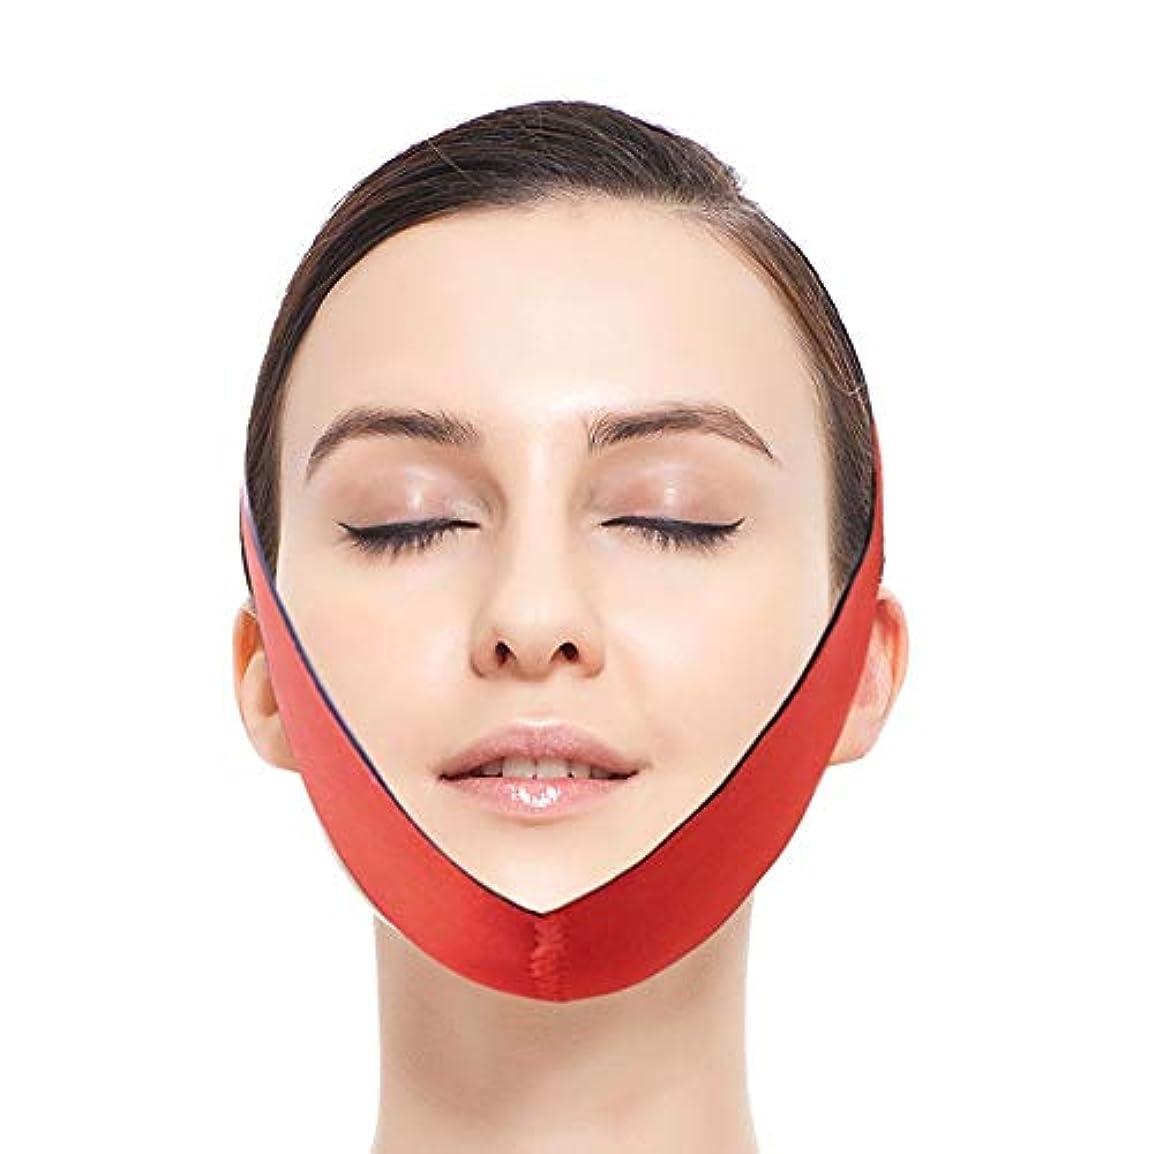 埋め込む精巧なオプショナルGYZ フェイスリフティングアーティファクトVフェイス包帯マスクダブルあご引き締め顔薄い咬傷筋肉下顎矯正顔 Thin Face Belt